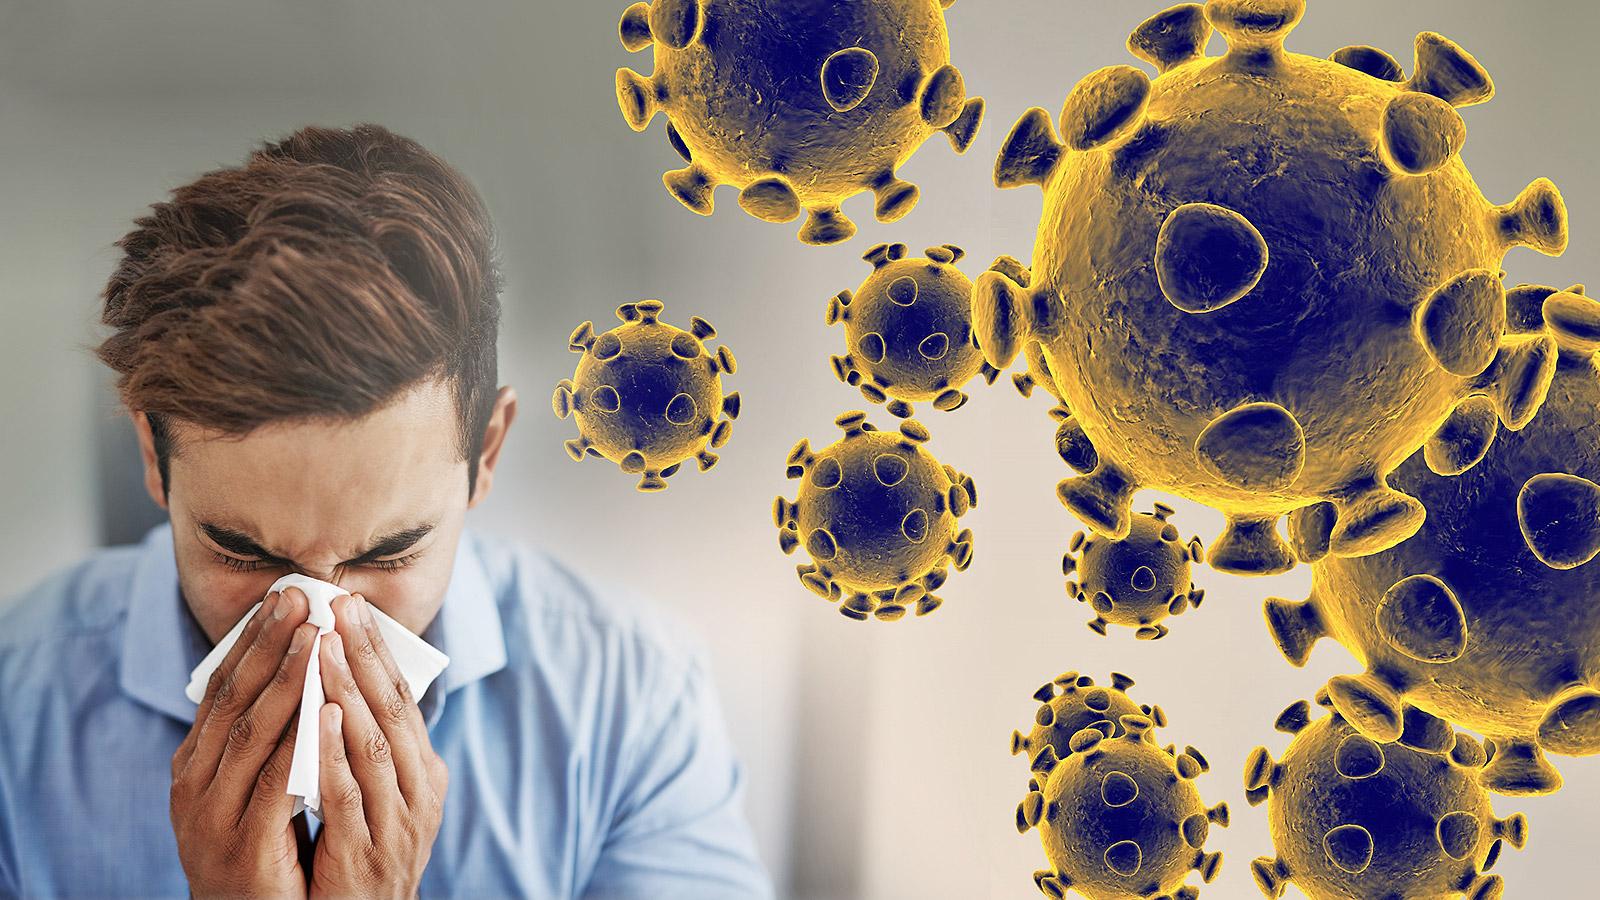 اعراض فيروس كورونا الجديد